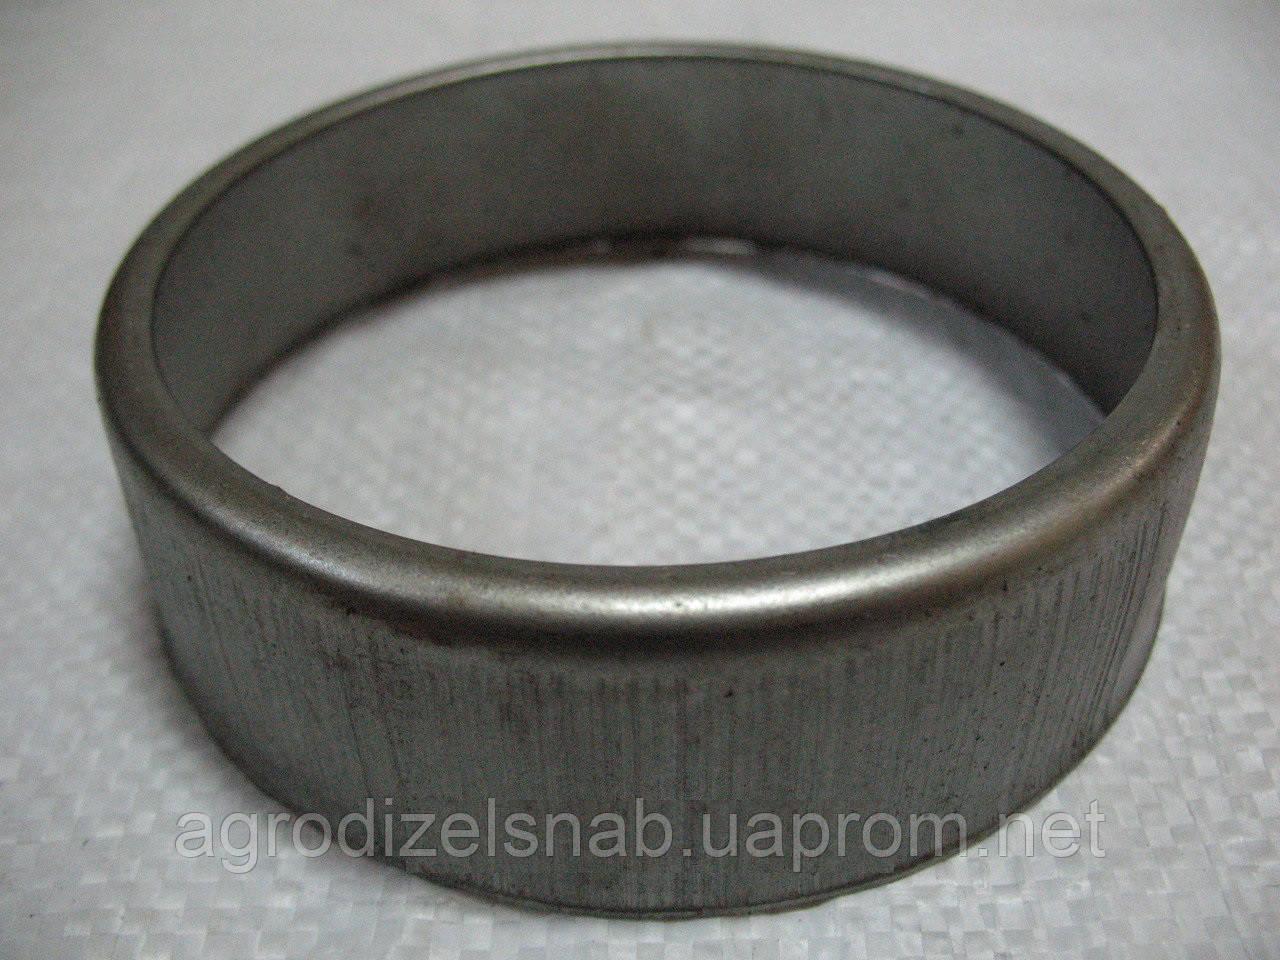 Колпак уплотнения направляющего колеса ДТ-75 (пыльник) 77.32.113